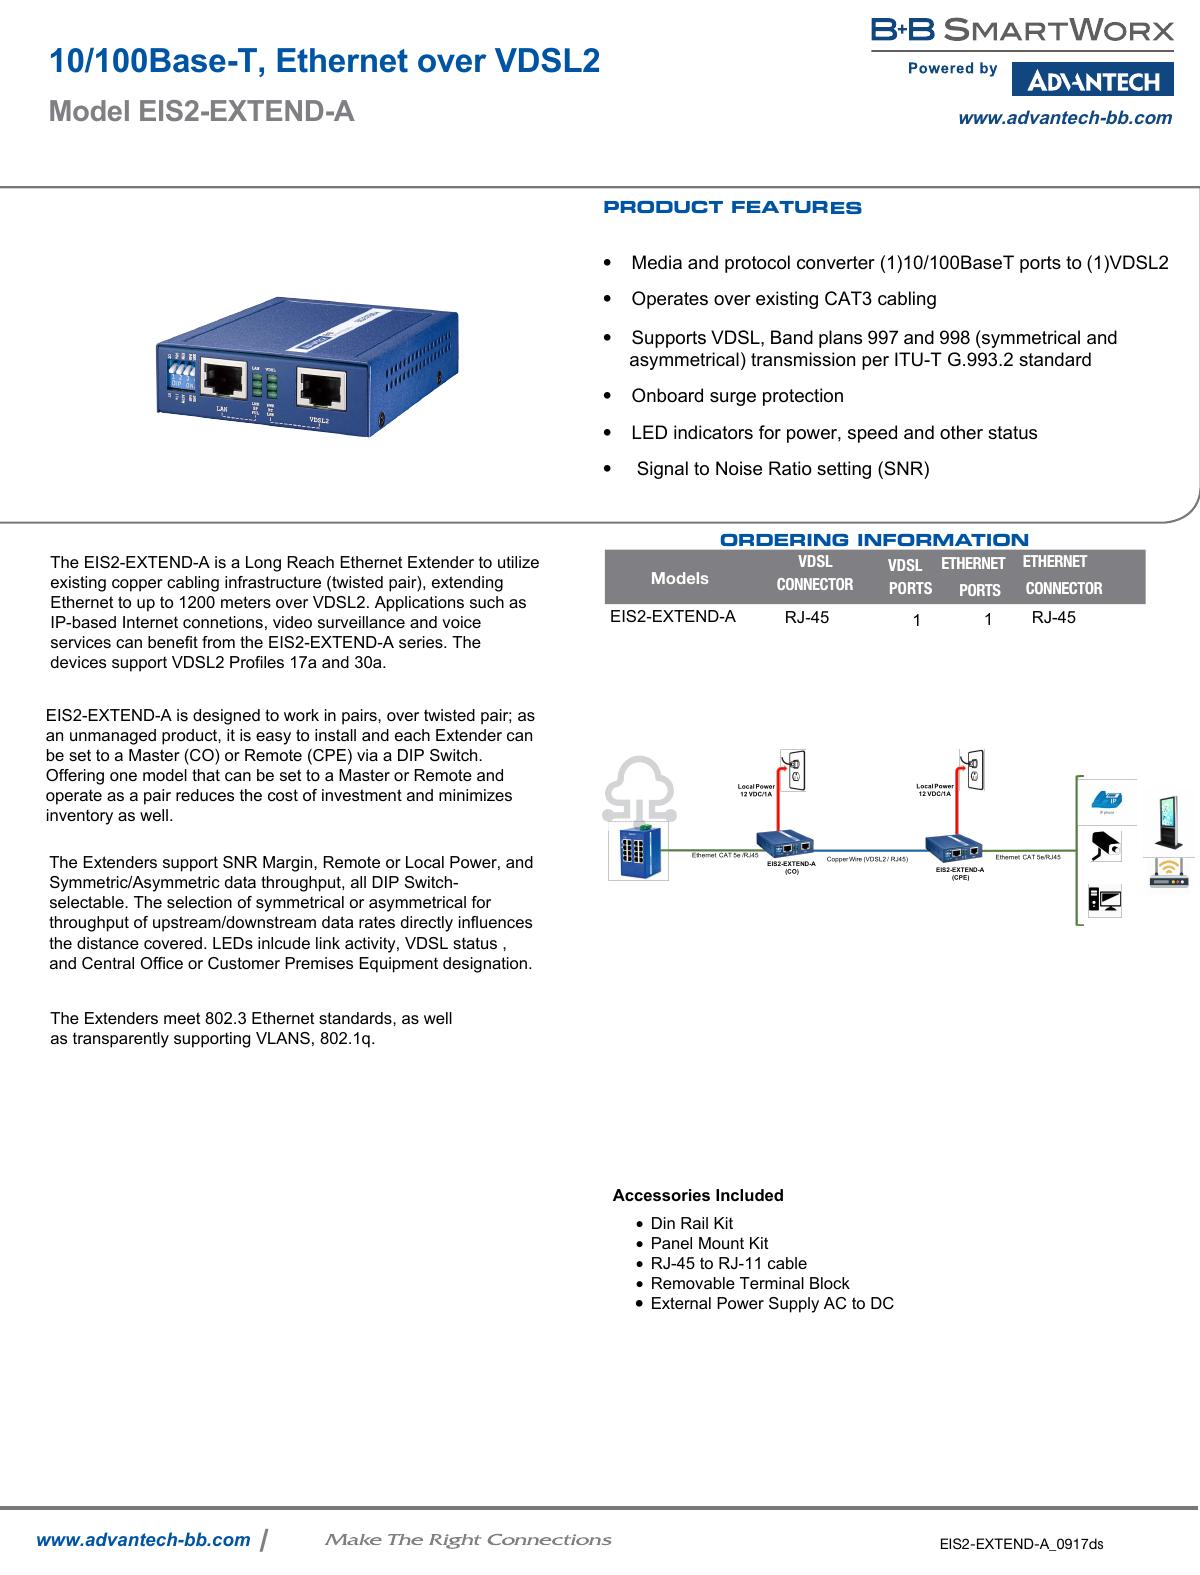 10 100base T Ethernet Over Vdsl2 Vdsl Wiring Diagram